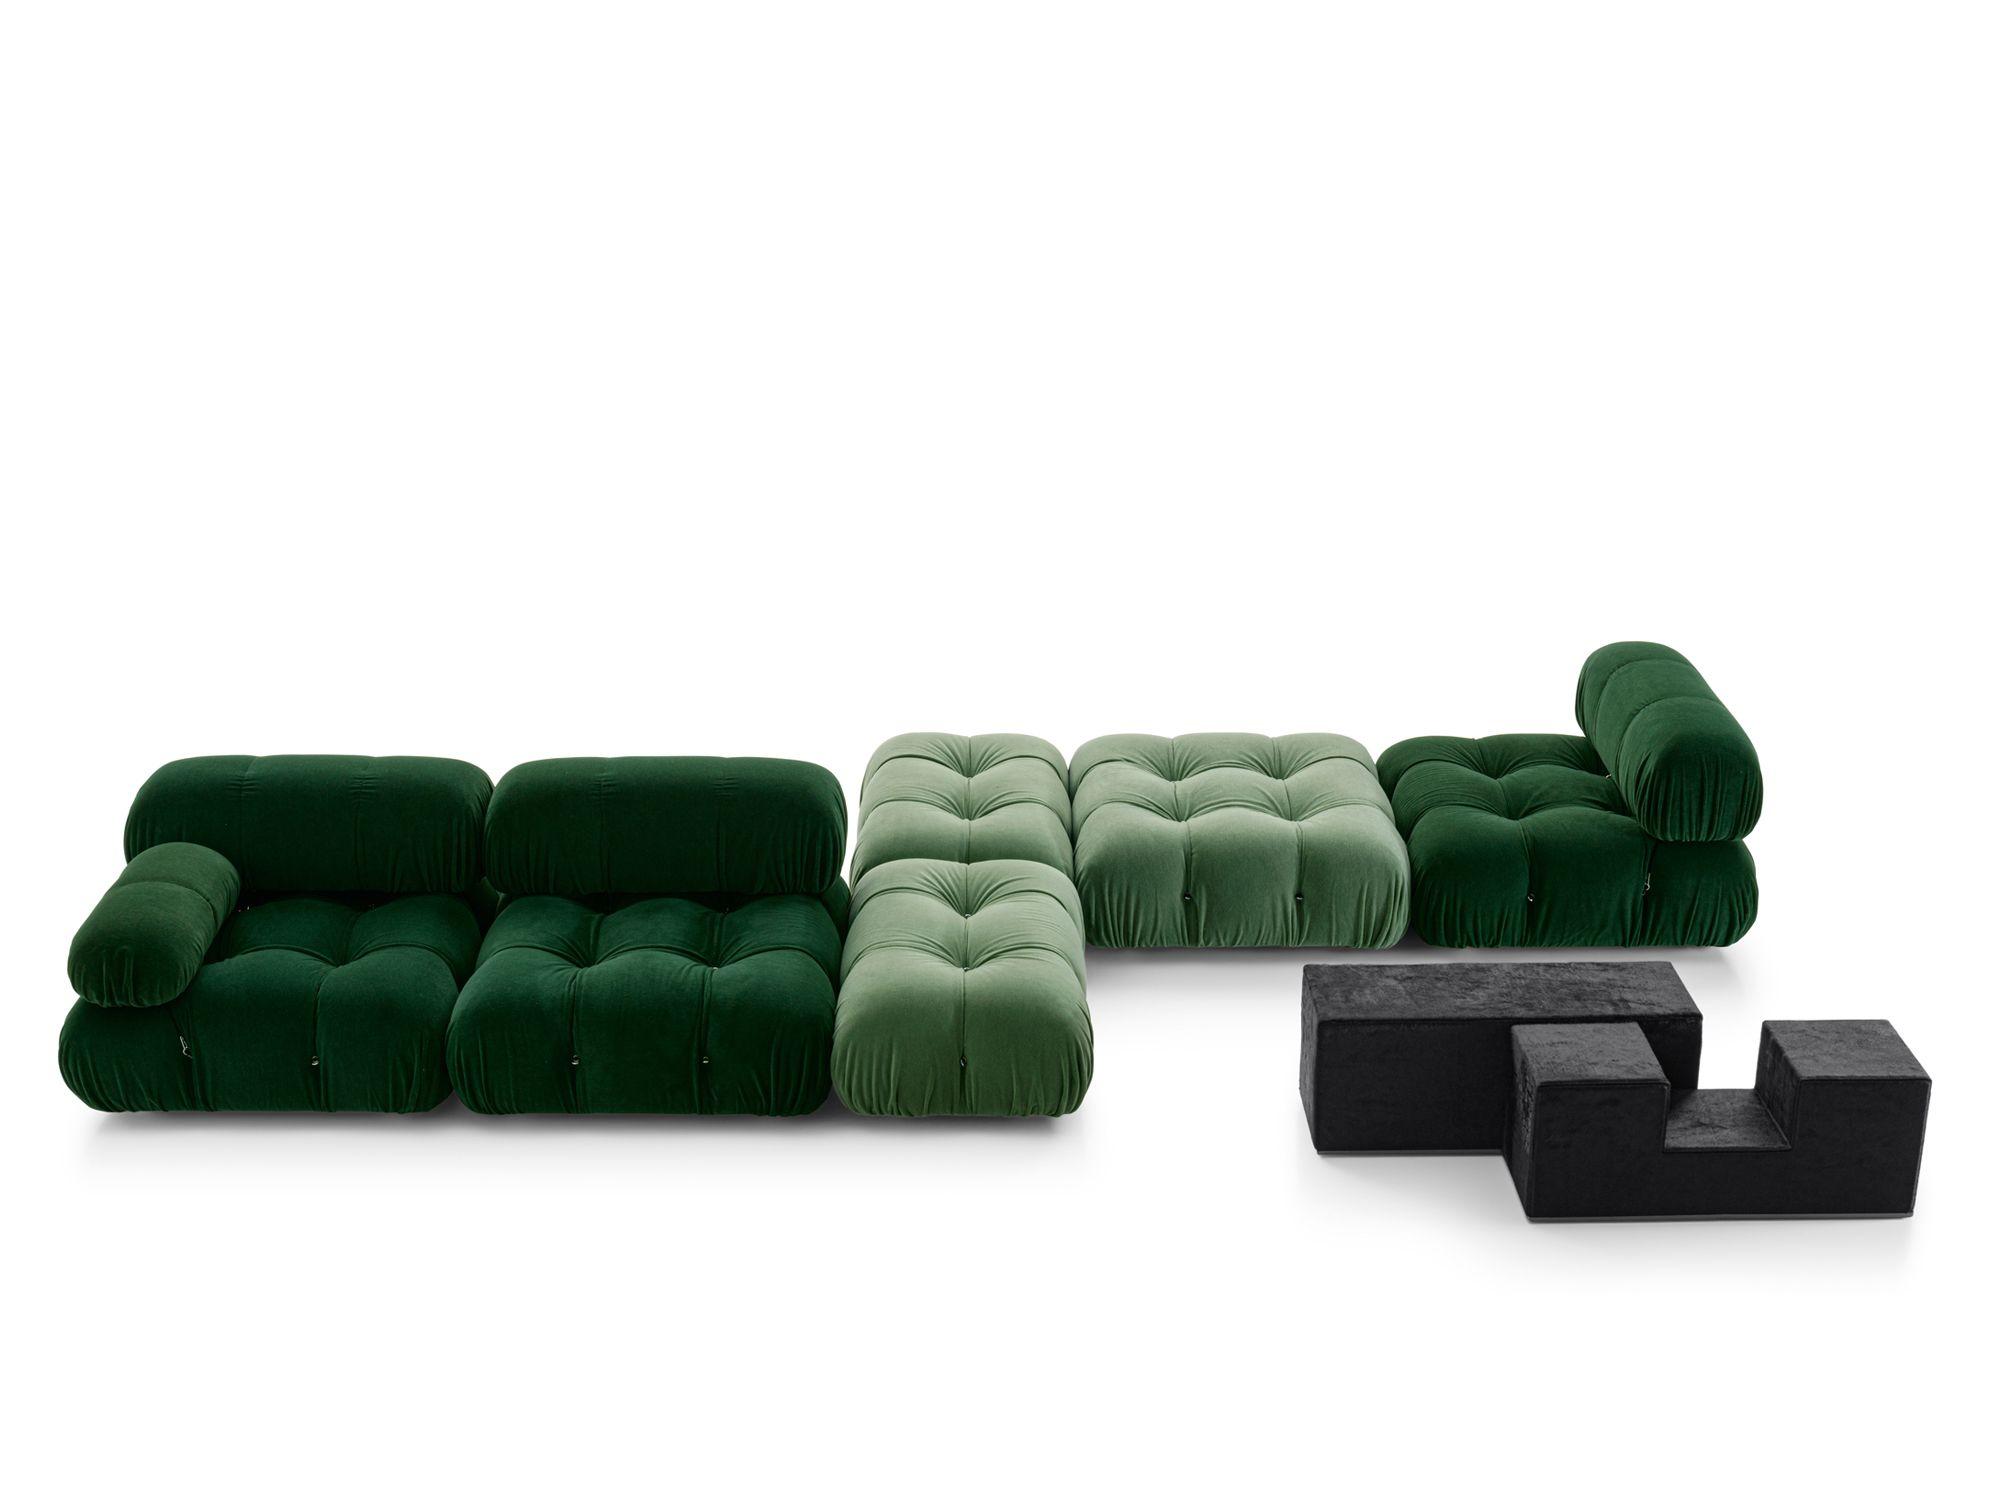 B&B Italia Camaleonda sofa and Gli Scacchi tables by Mario Bellini, all from Space Furniture